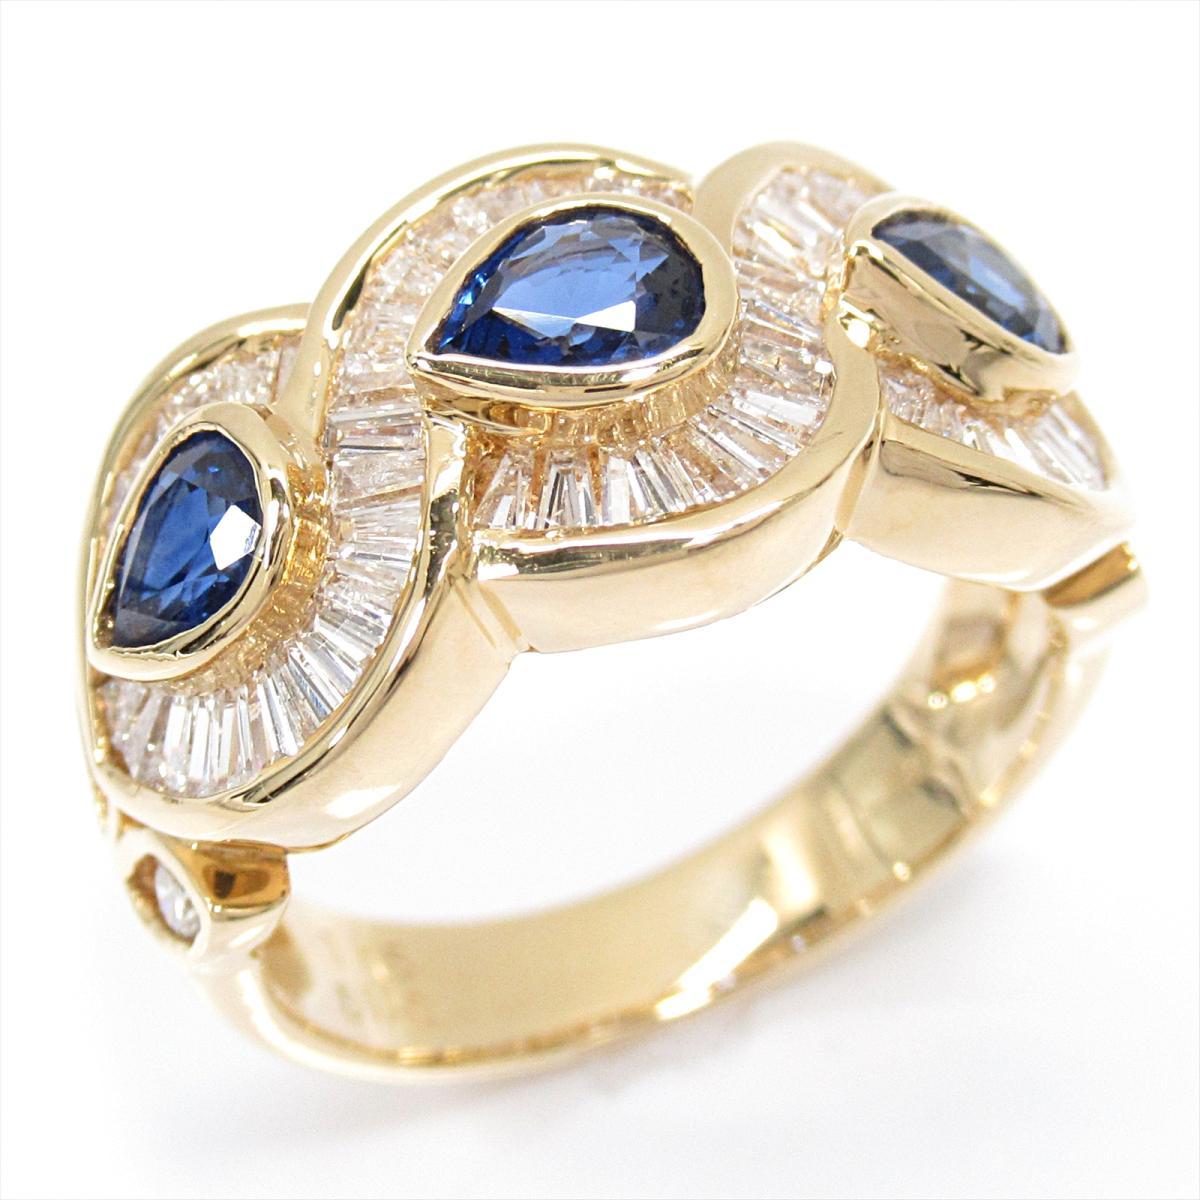 【中古】 ジュエリー サファイアリング 指輪 レディース K18YG (750) イエローゴールド x サファイア (1.15ct) x ダイヤモンド (1.10ct) | JEWELRY リング K18 18K 18金 美品 ブランドオフ BRANDOFF